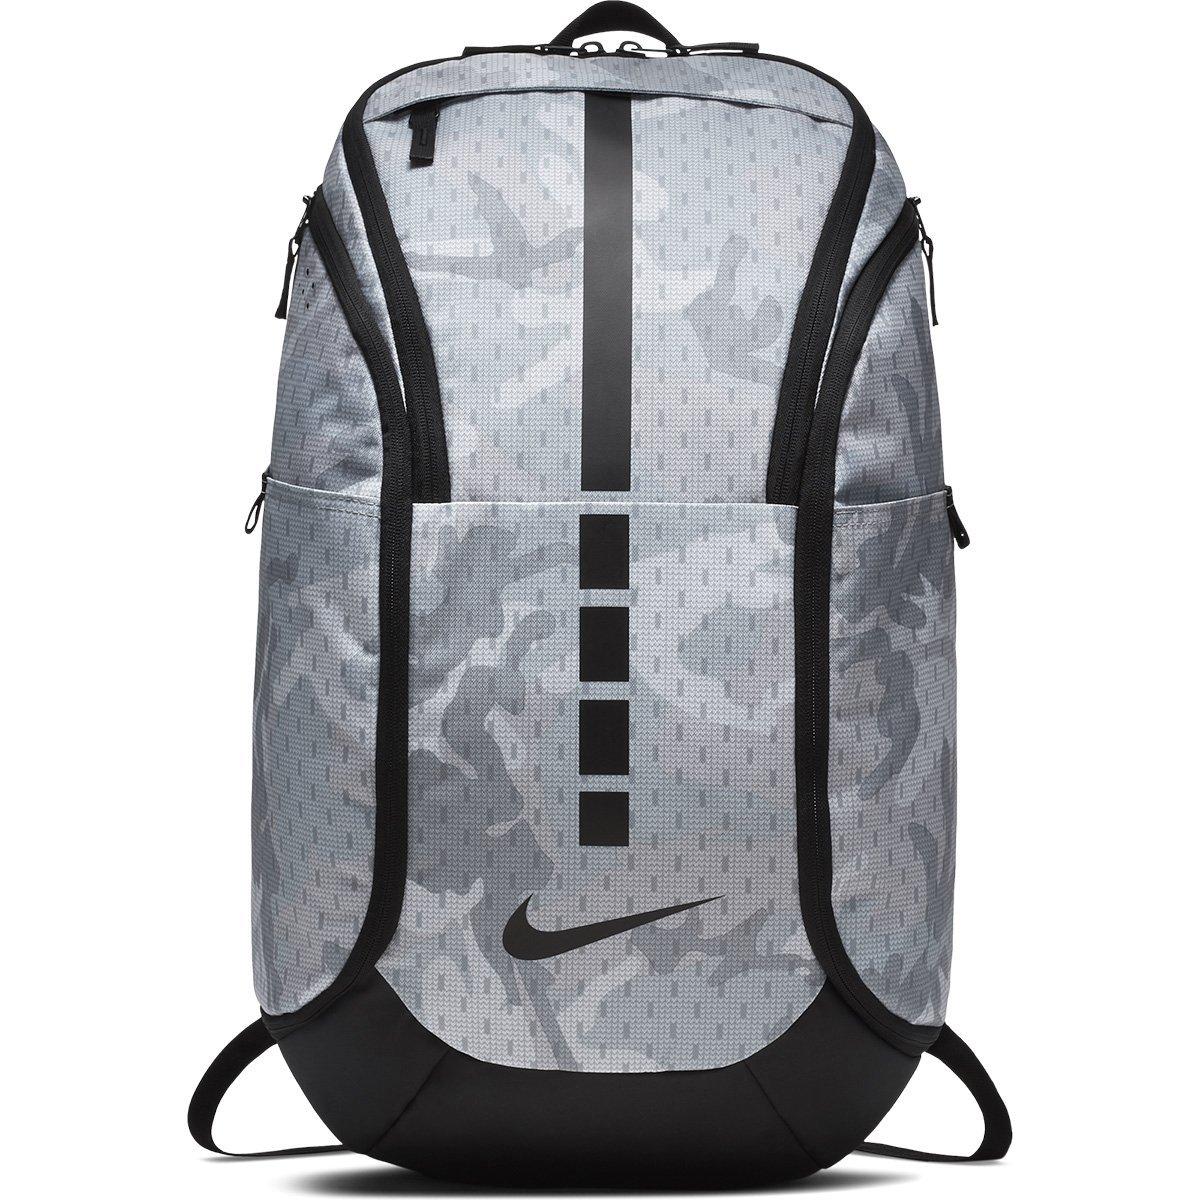 f07b8af2c Amplie a imagem. Mochila Nike Hoops Elite Pro Basketball; Mochila Nike  Hoops Elite Pro Basketball 2 ...